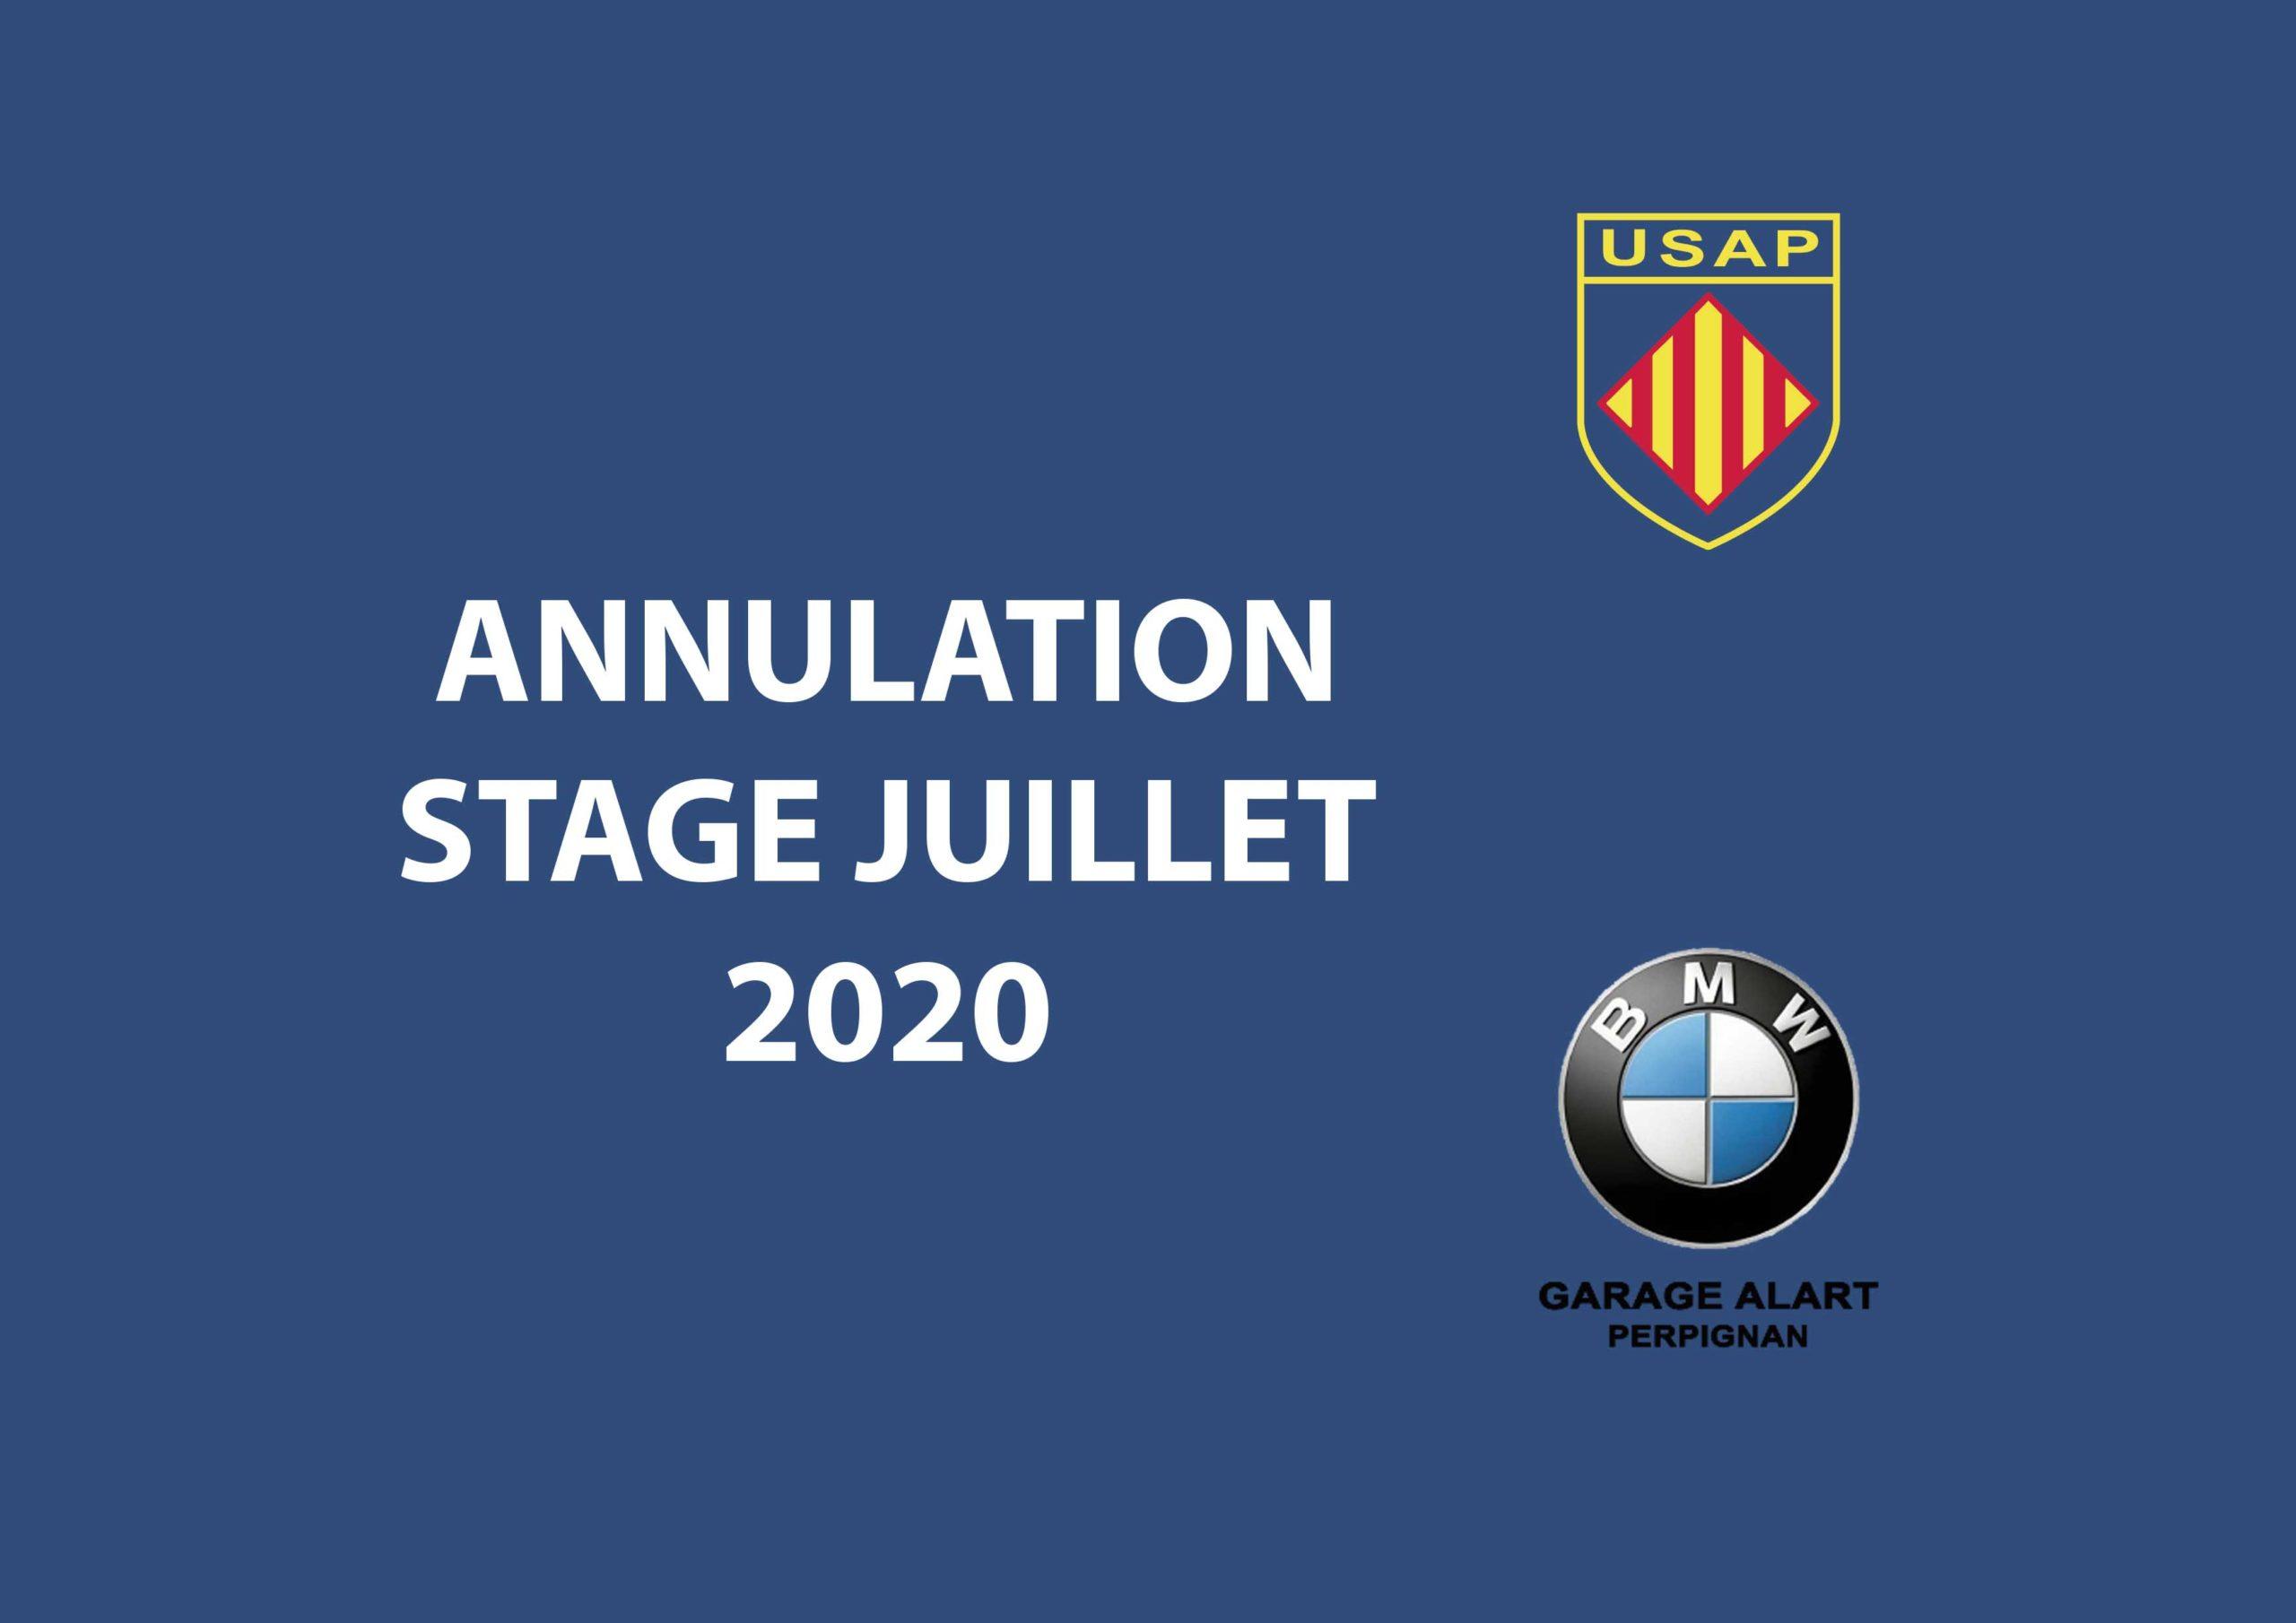 ANNULATION STAGE JUILLET 2020